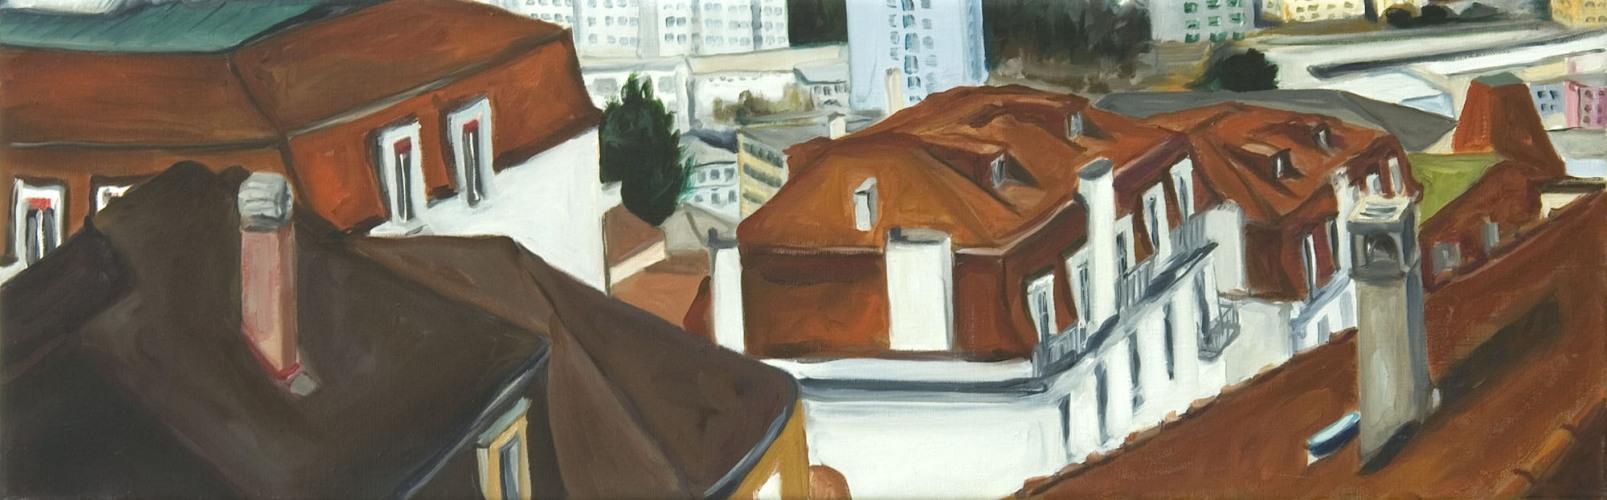 Lausanne °15 - 27x85cm - 2004